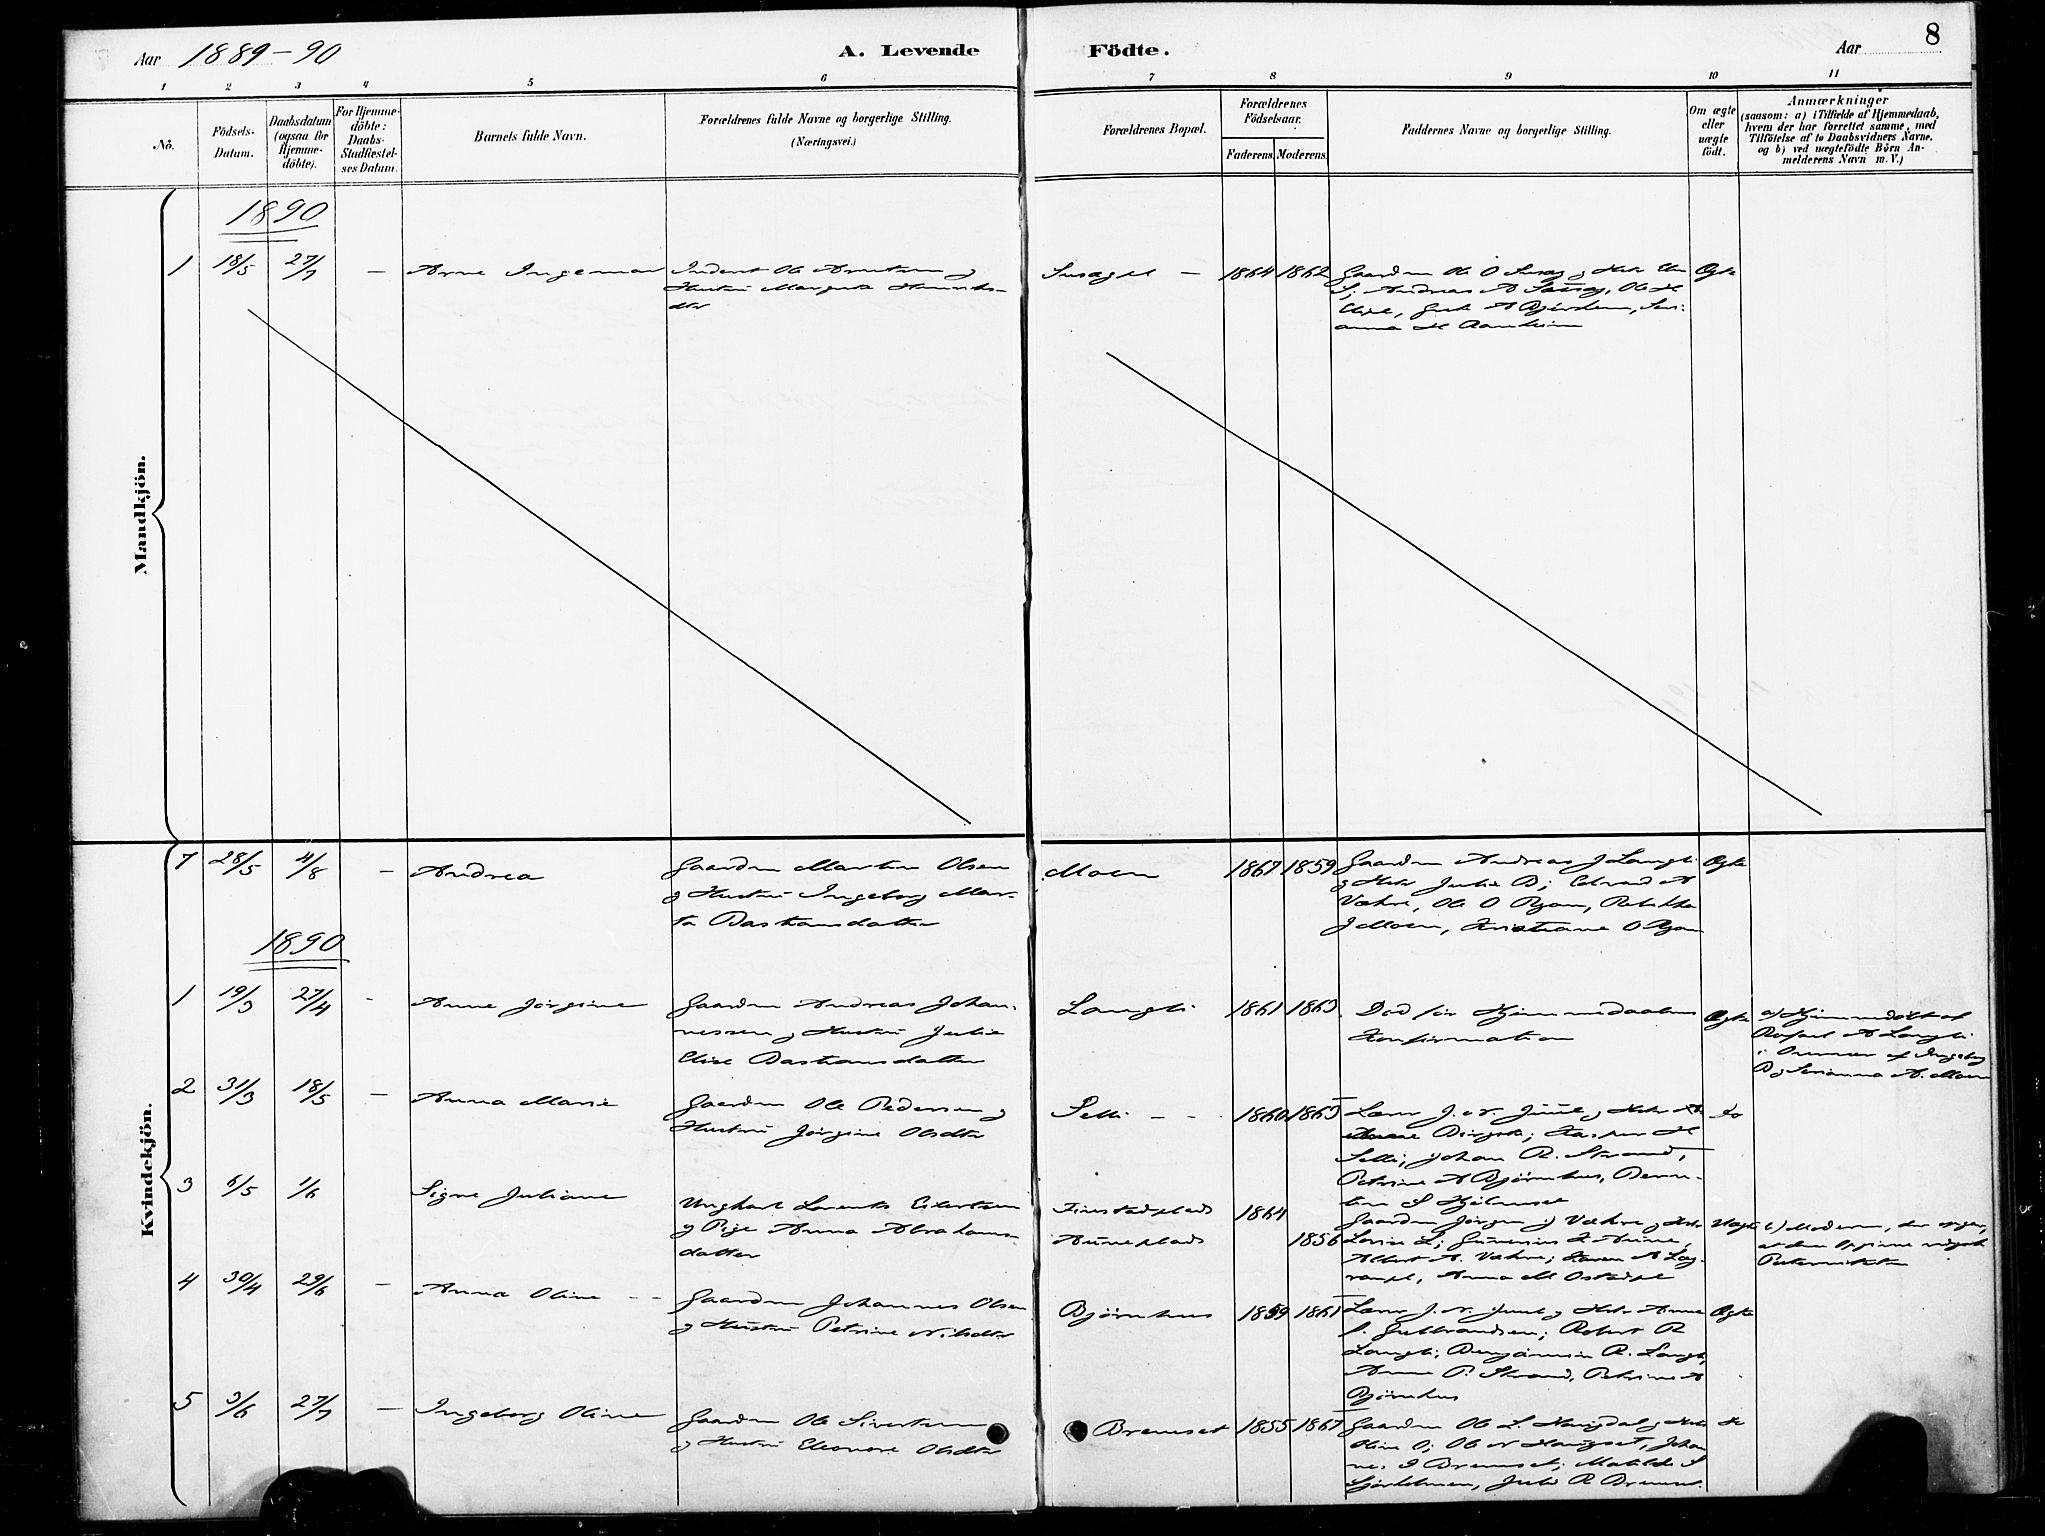 SAT, Ministerialprotokoller, klokkerbøker og fødselsregistre - Nord-Trøndelag, 738/L0364: Ministerialbok nr. 738A01, 1884-1902, s. 8